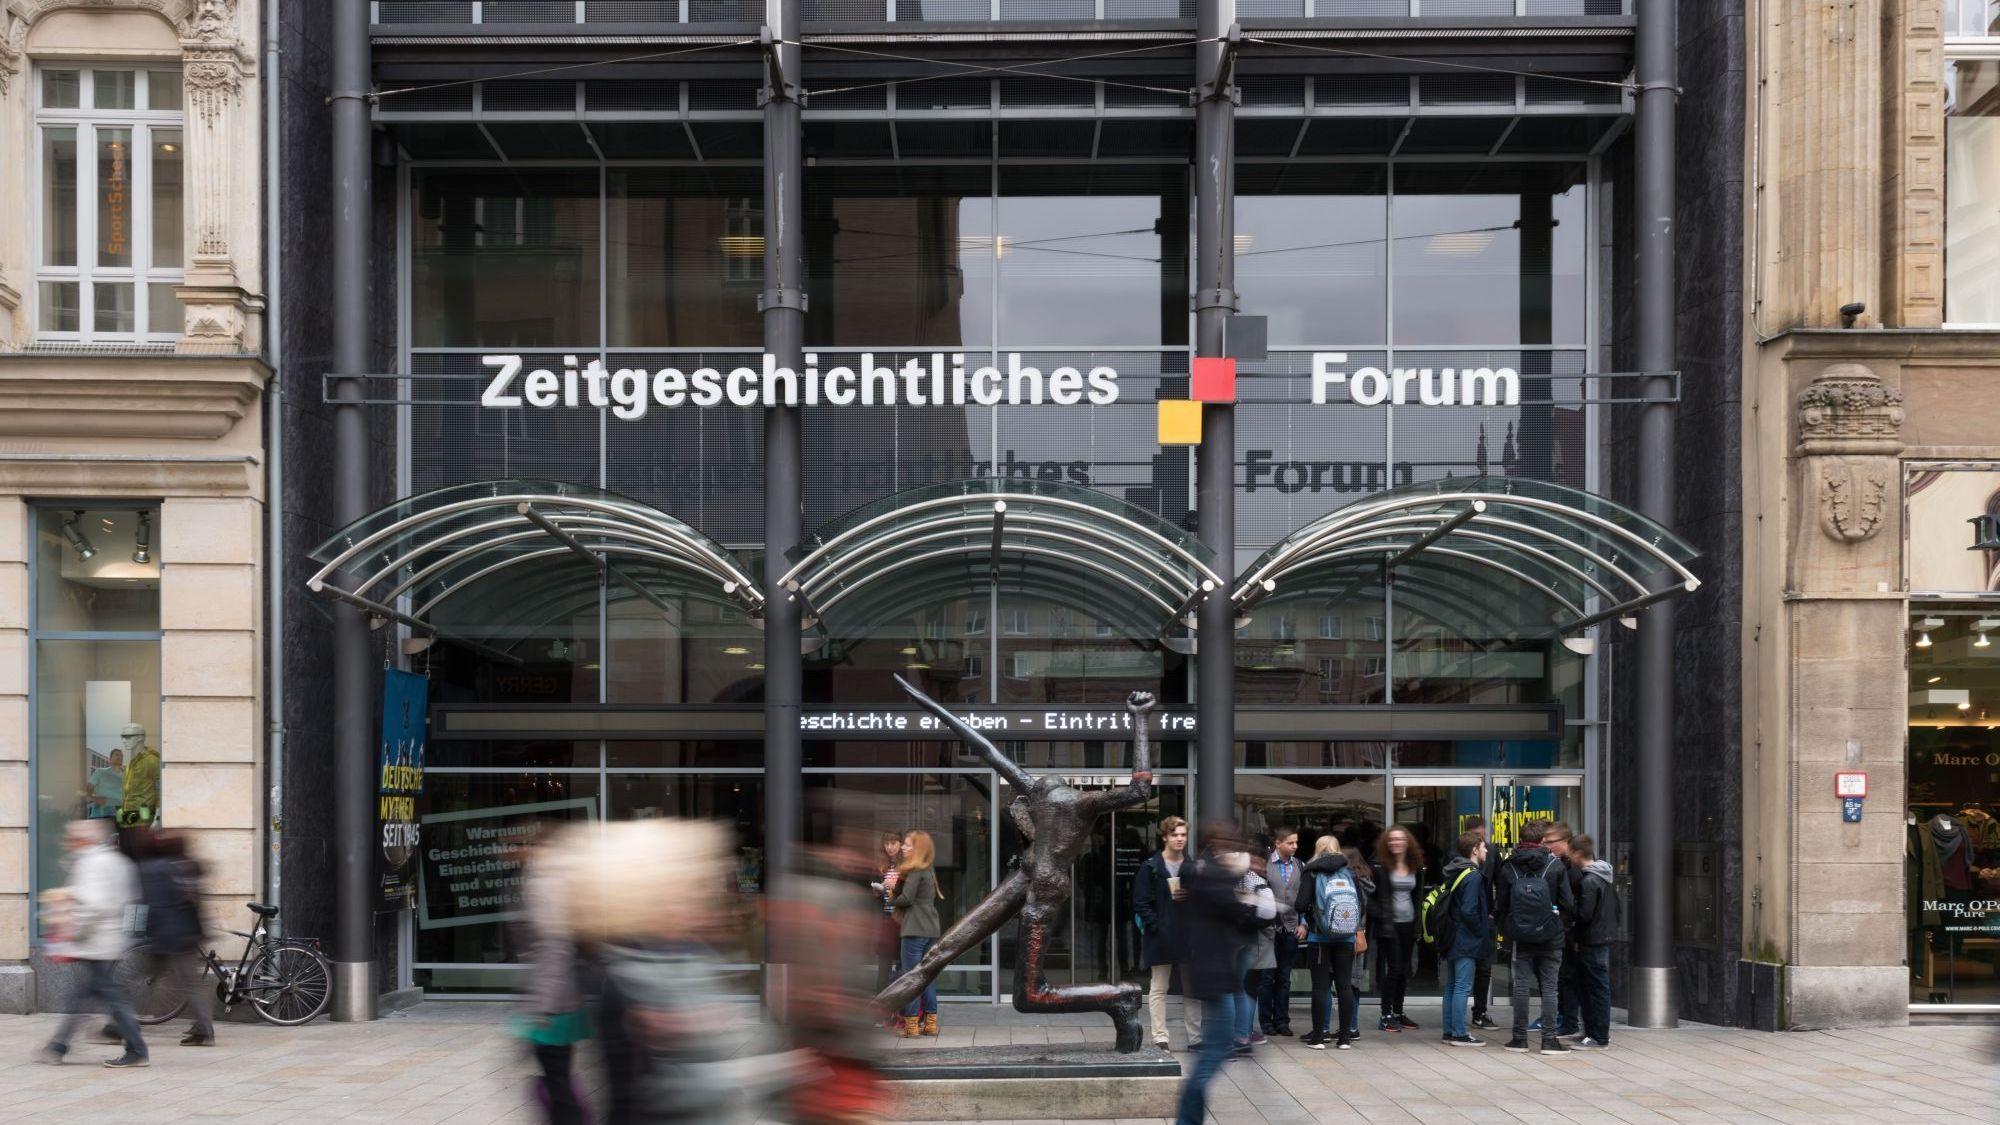 Eingang des Zeitgeschichtlichen Forums Leipzig tagsüber bei starkem Betrieb